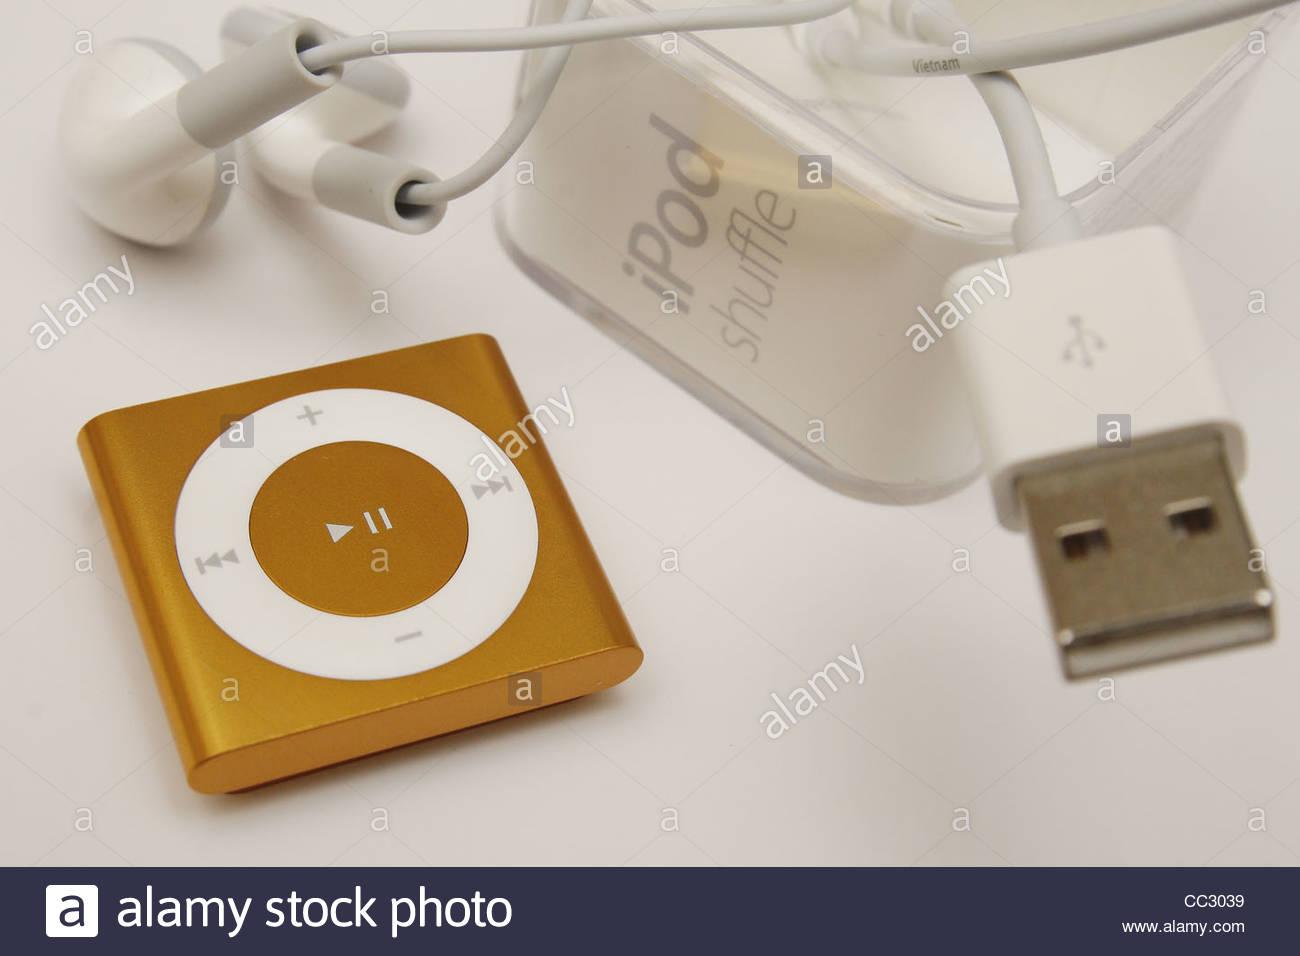 image of ipod shuffle against plain background Stock Photo 1300x956